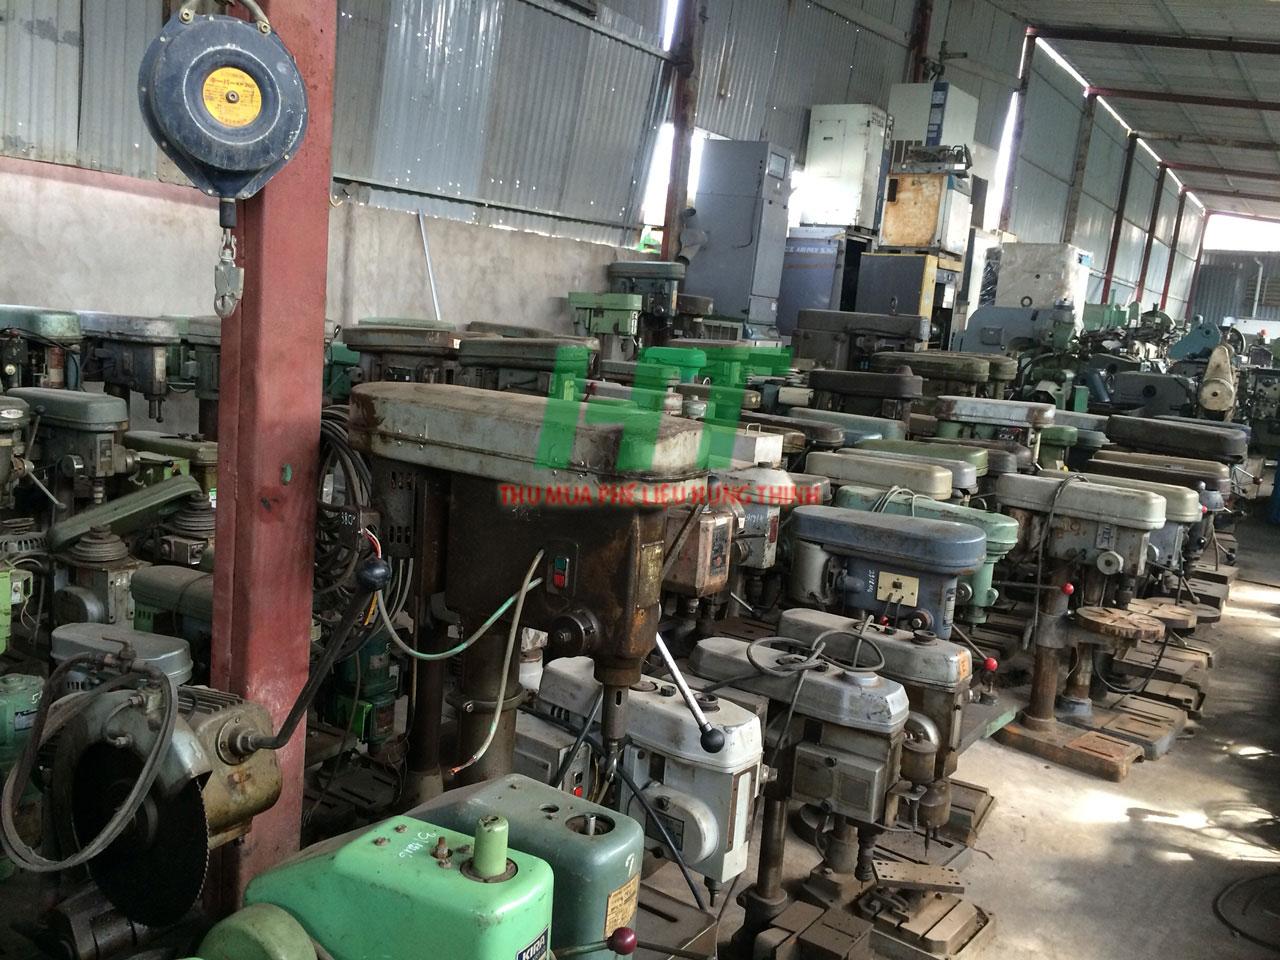 Thu mua máy cũ tại Long An giá cao